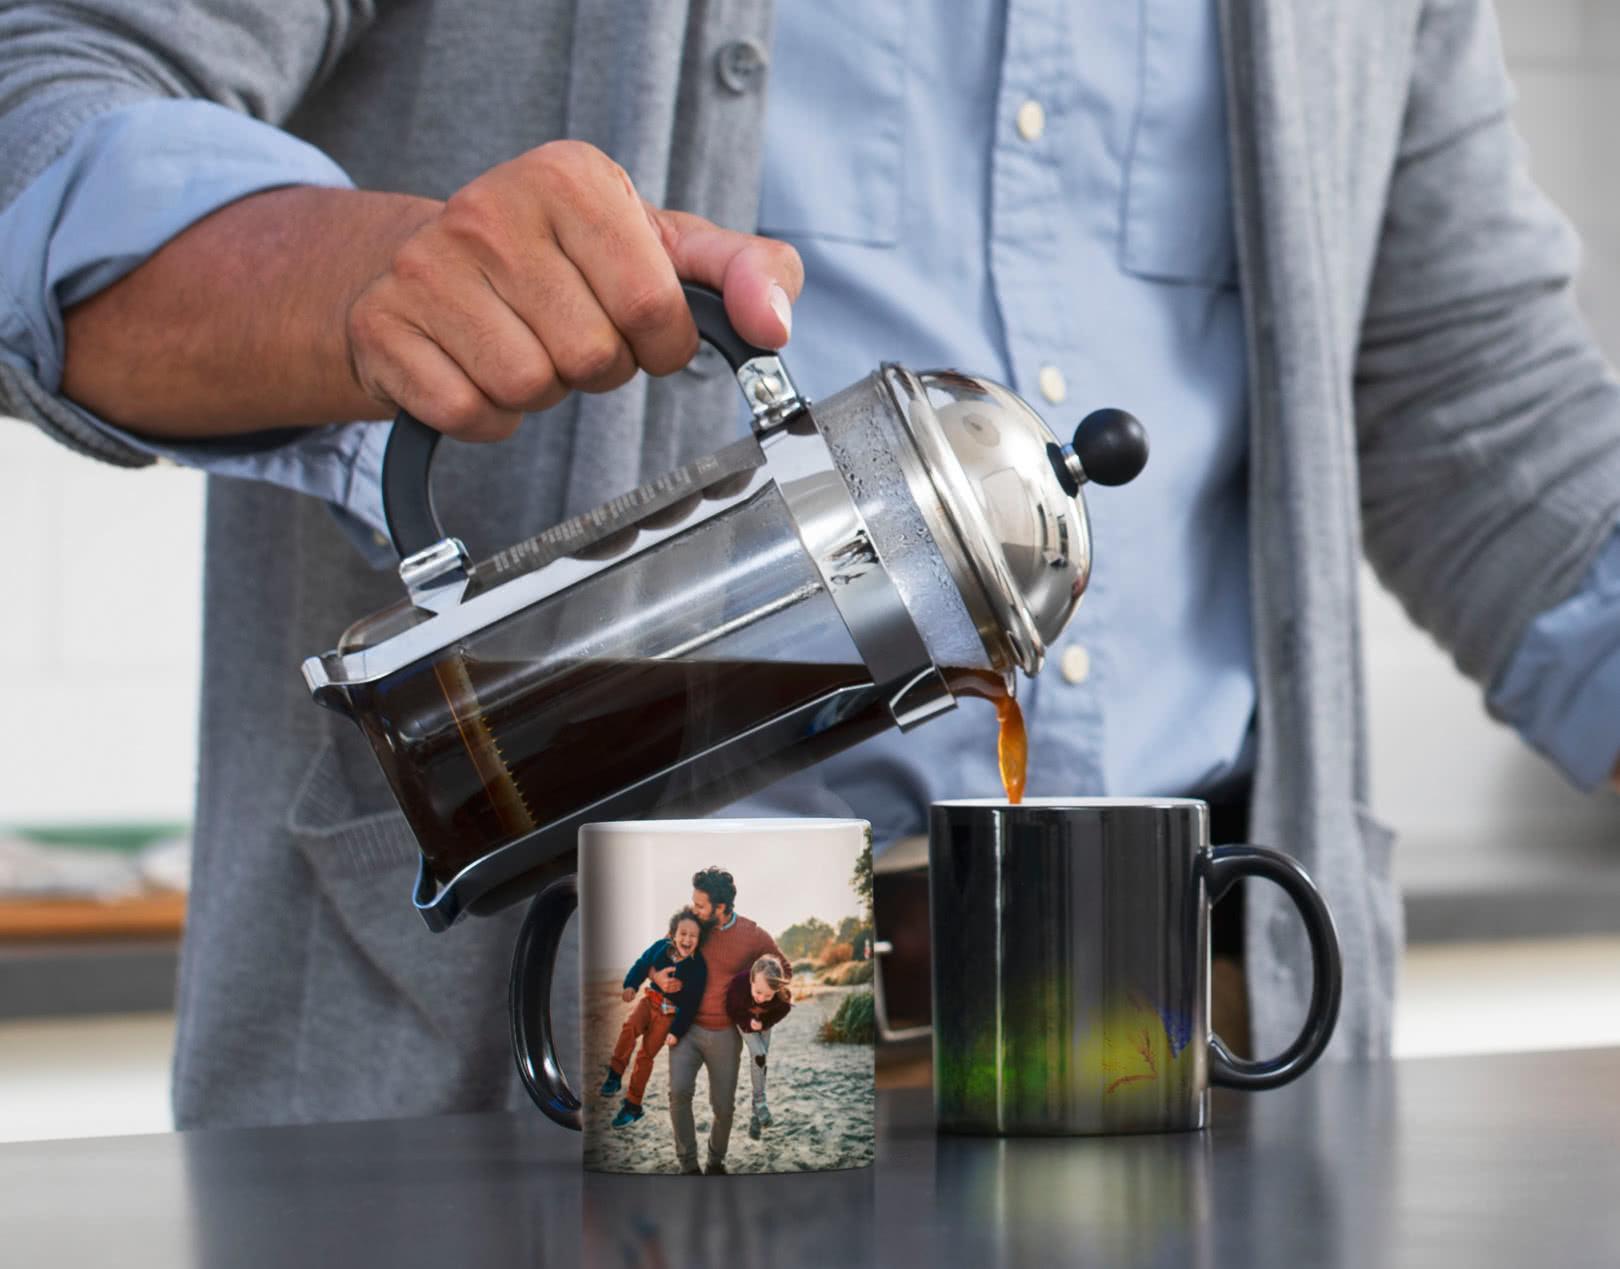 Magic Mug Heat Changing Photos Magically Revealed Photobox